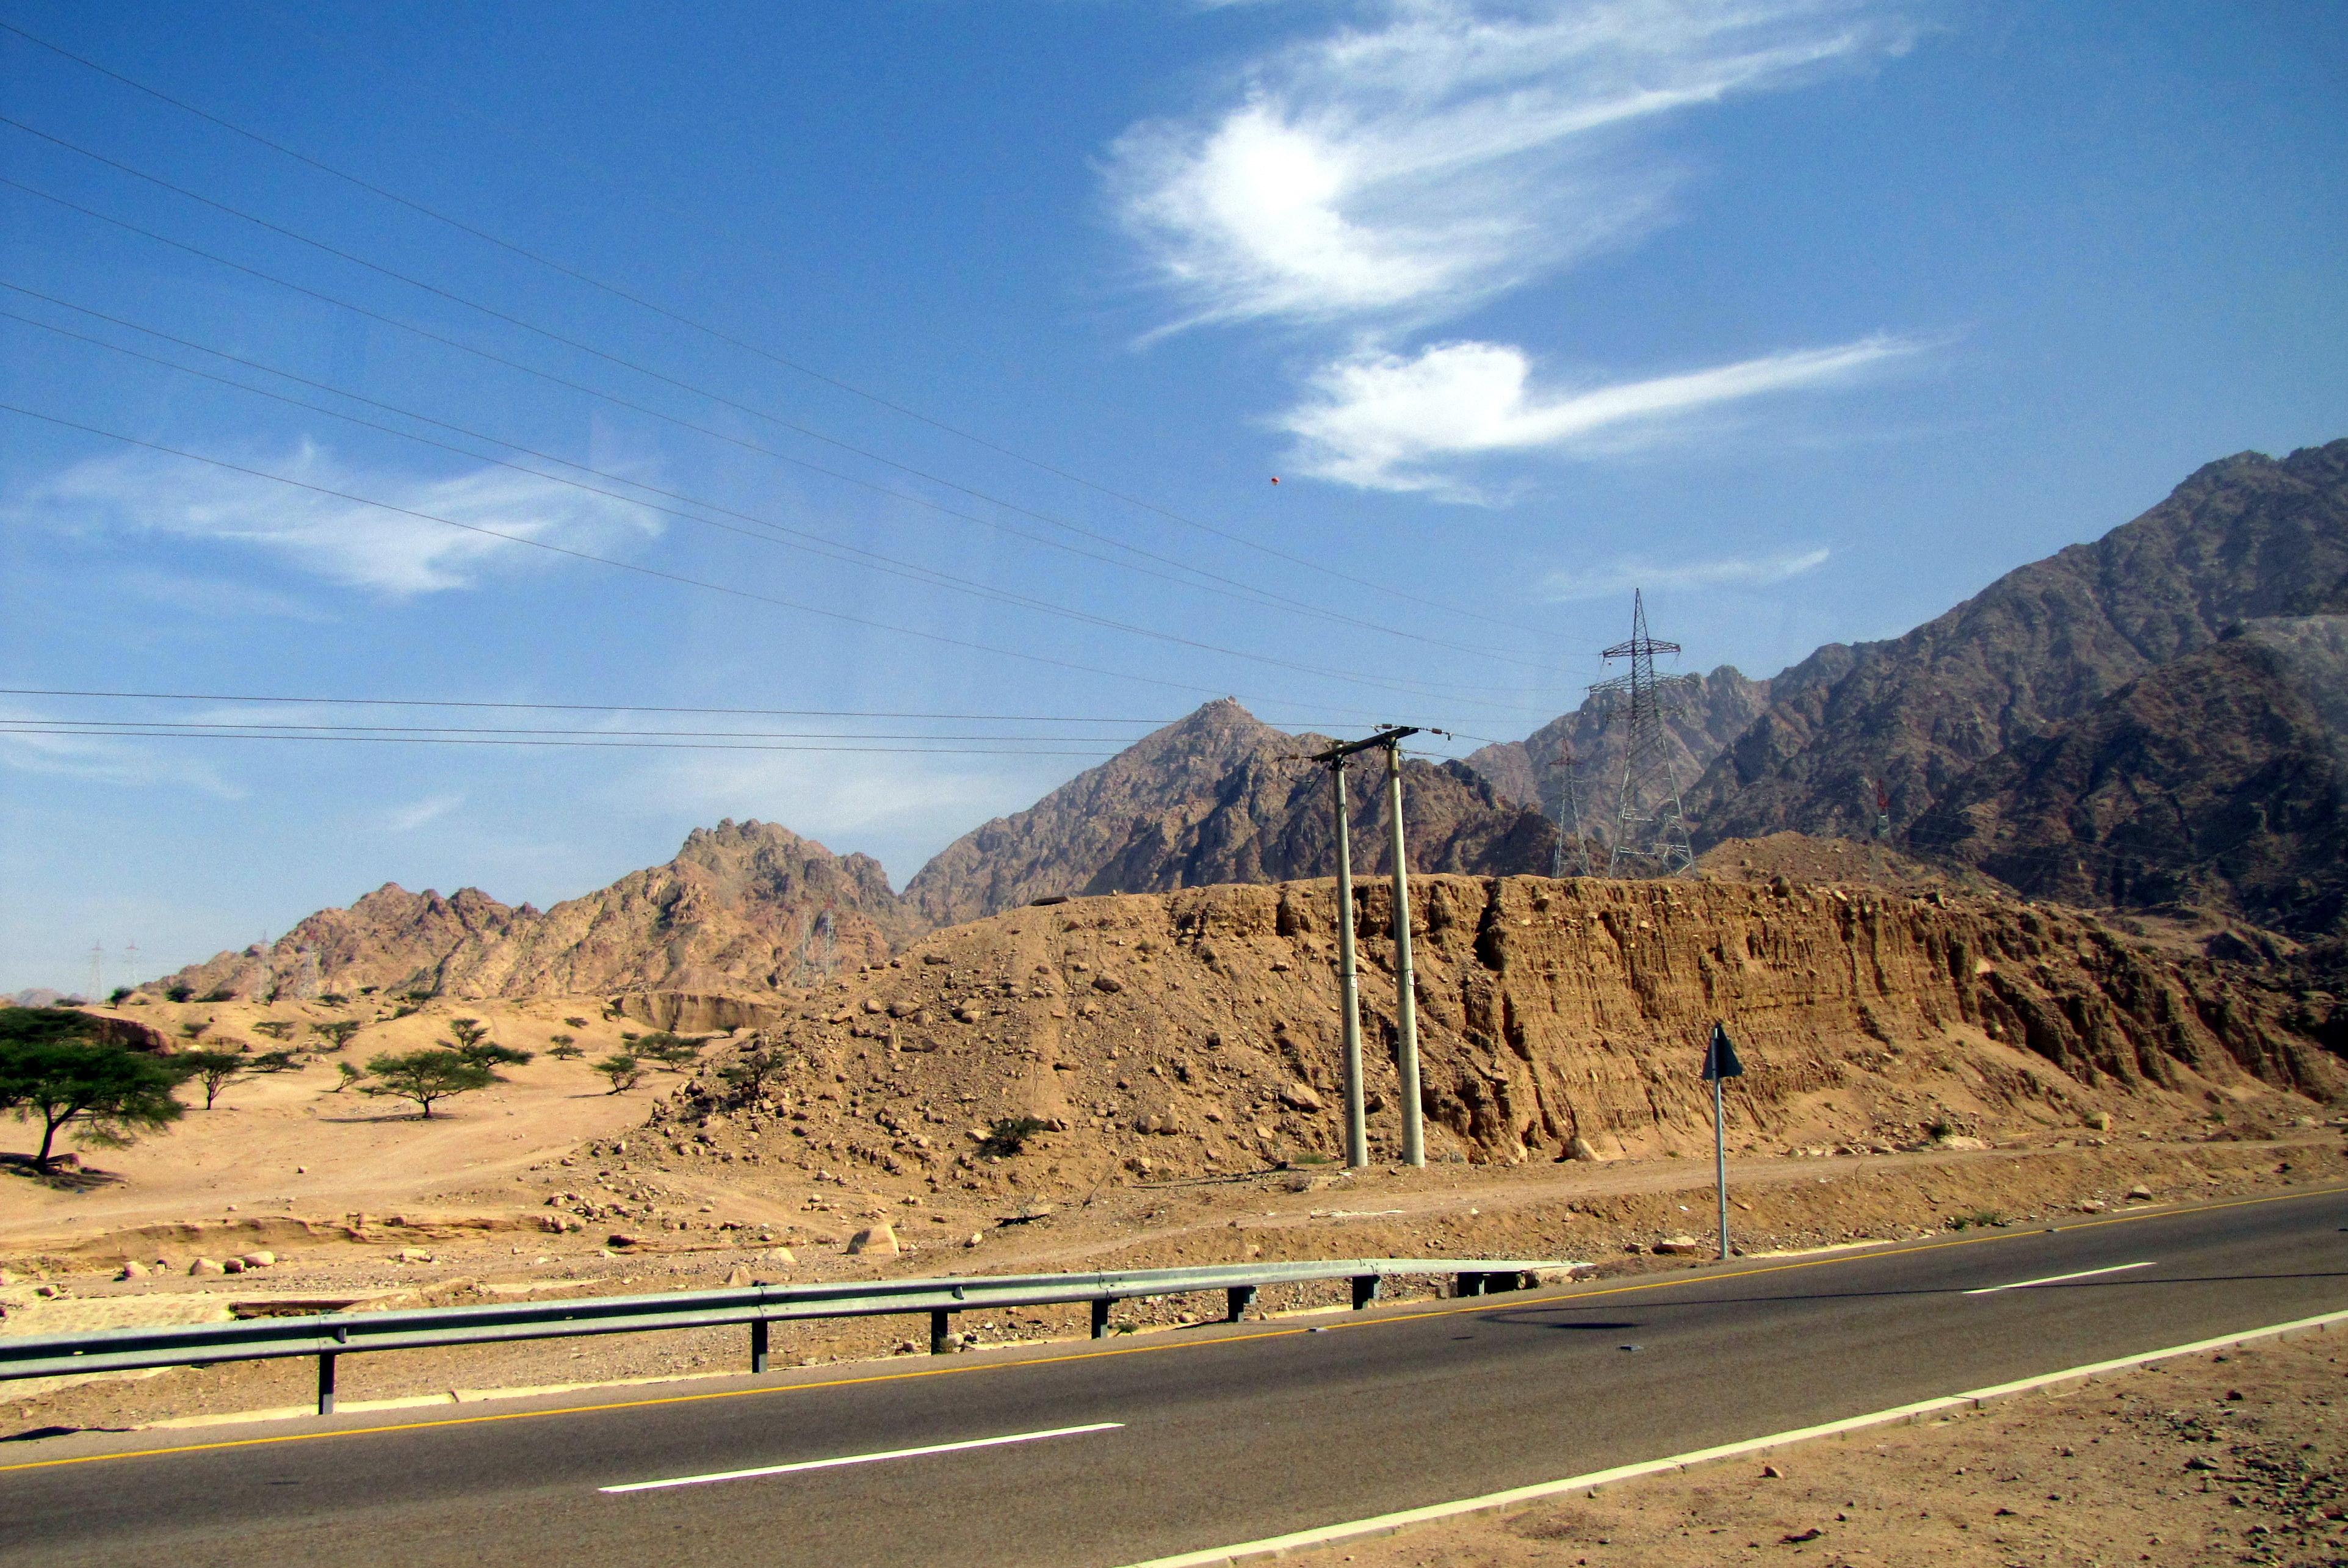 اشخاص يلقون الطوب على الطريق الصحراوي